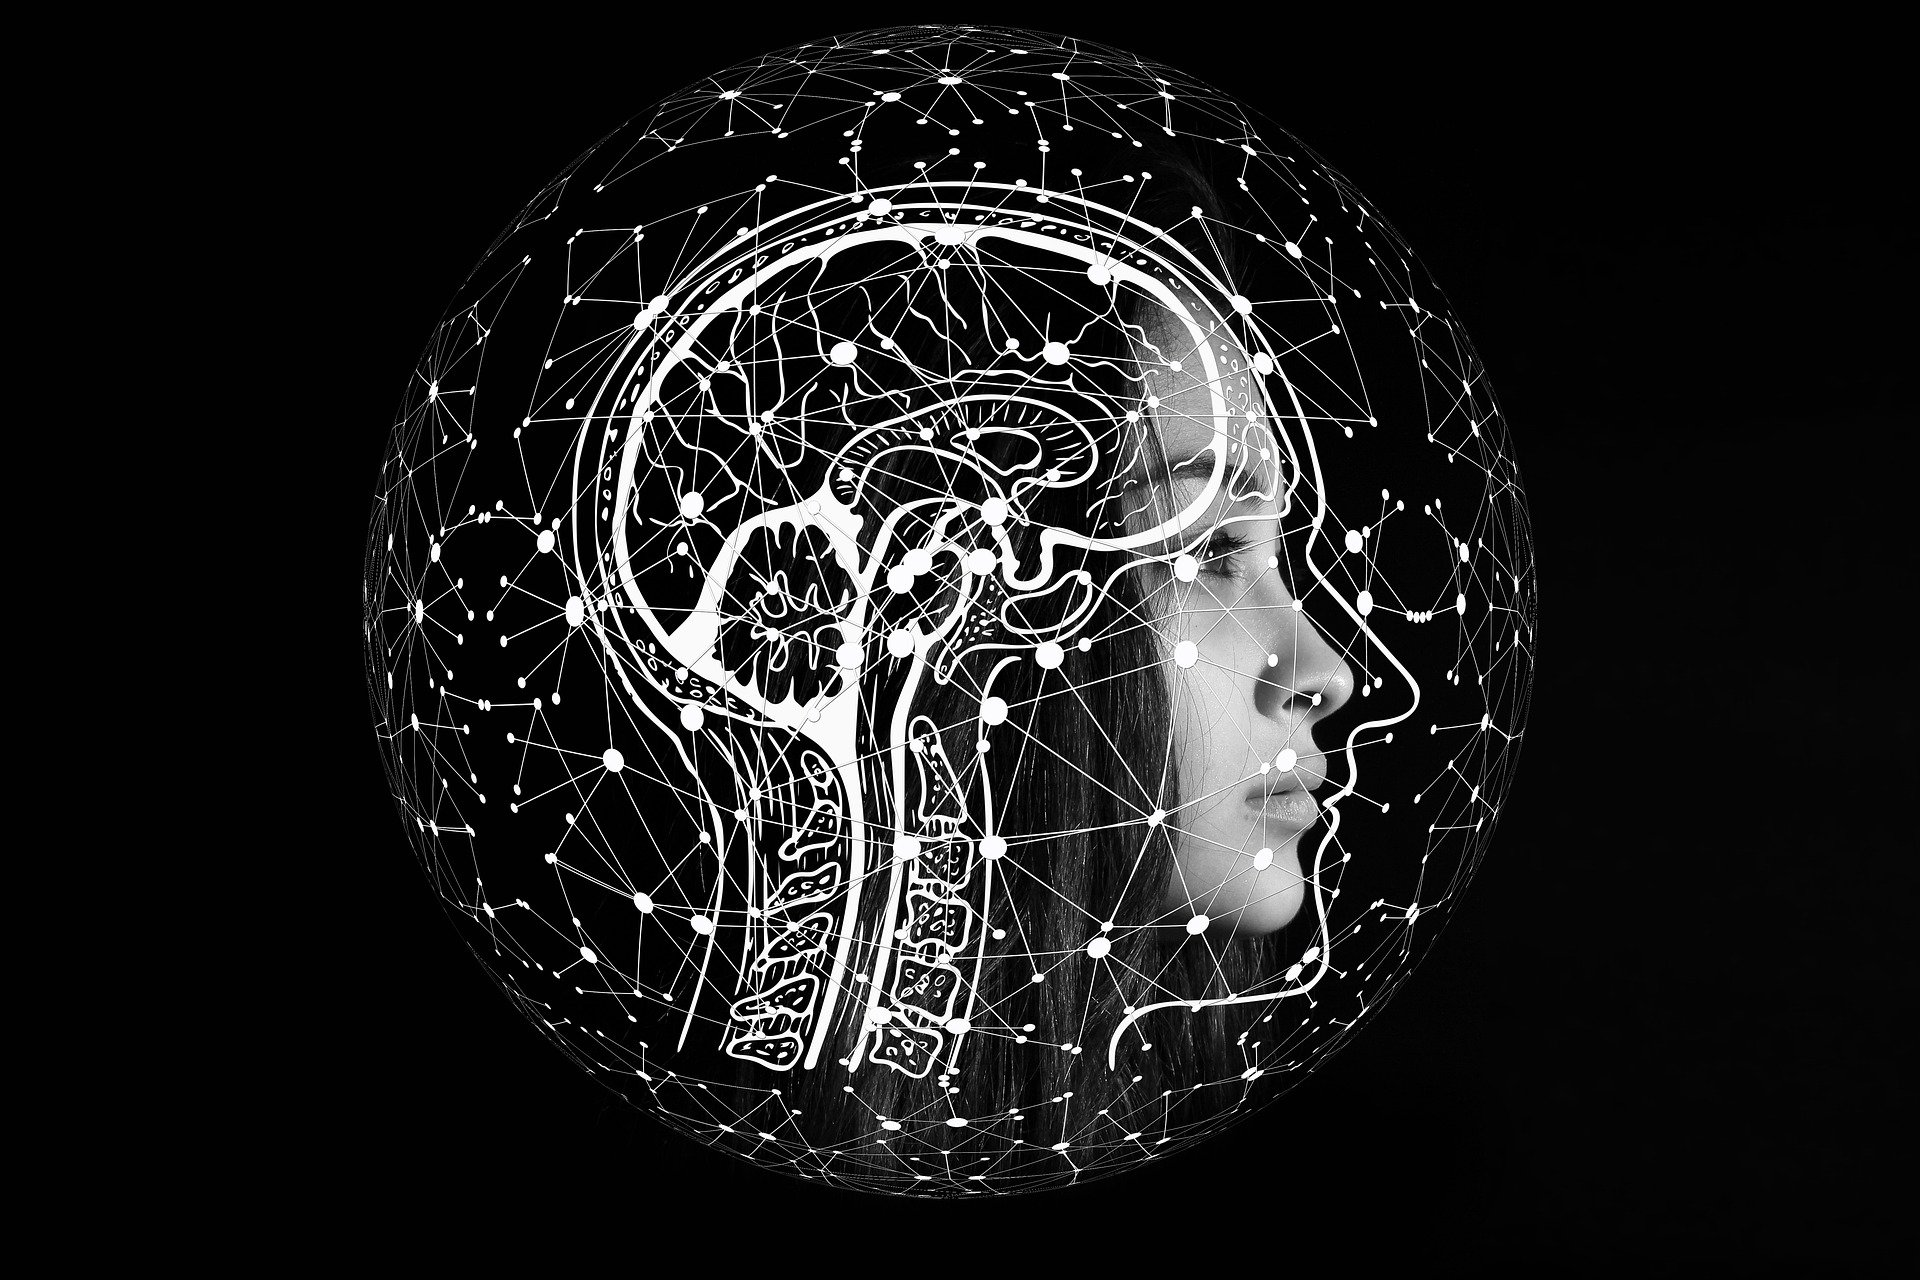 脳を働き過ぎている女性の頭部の画像